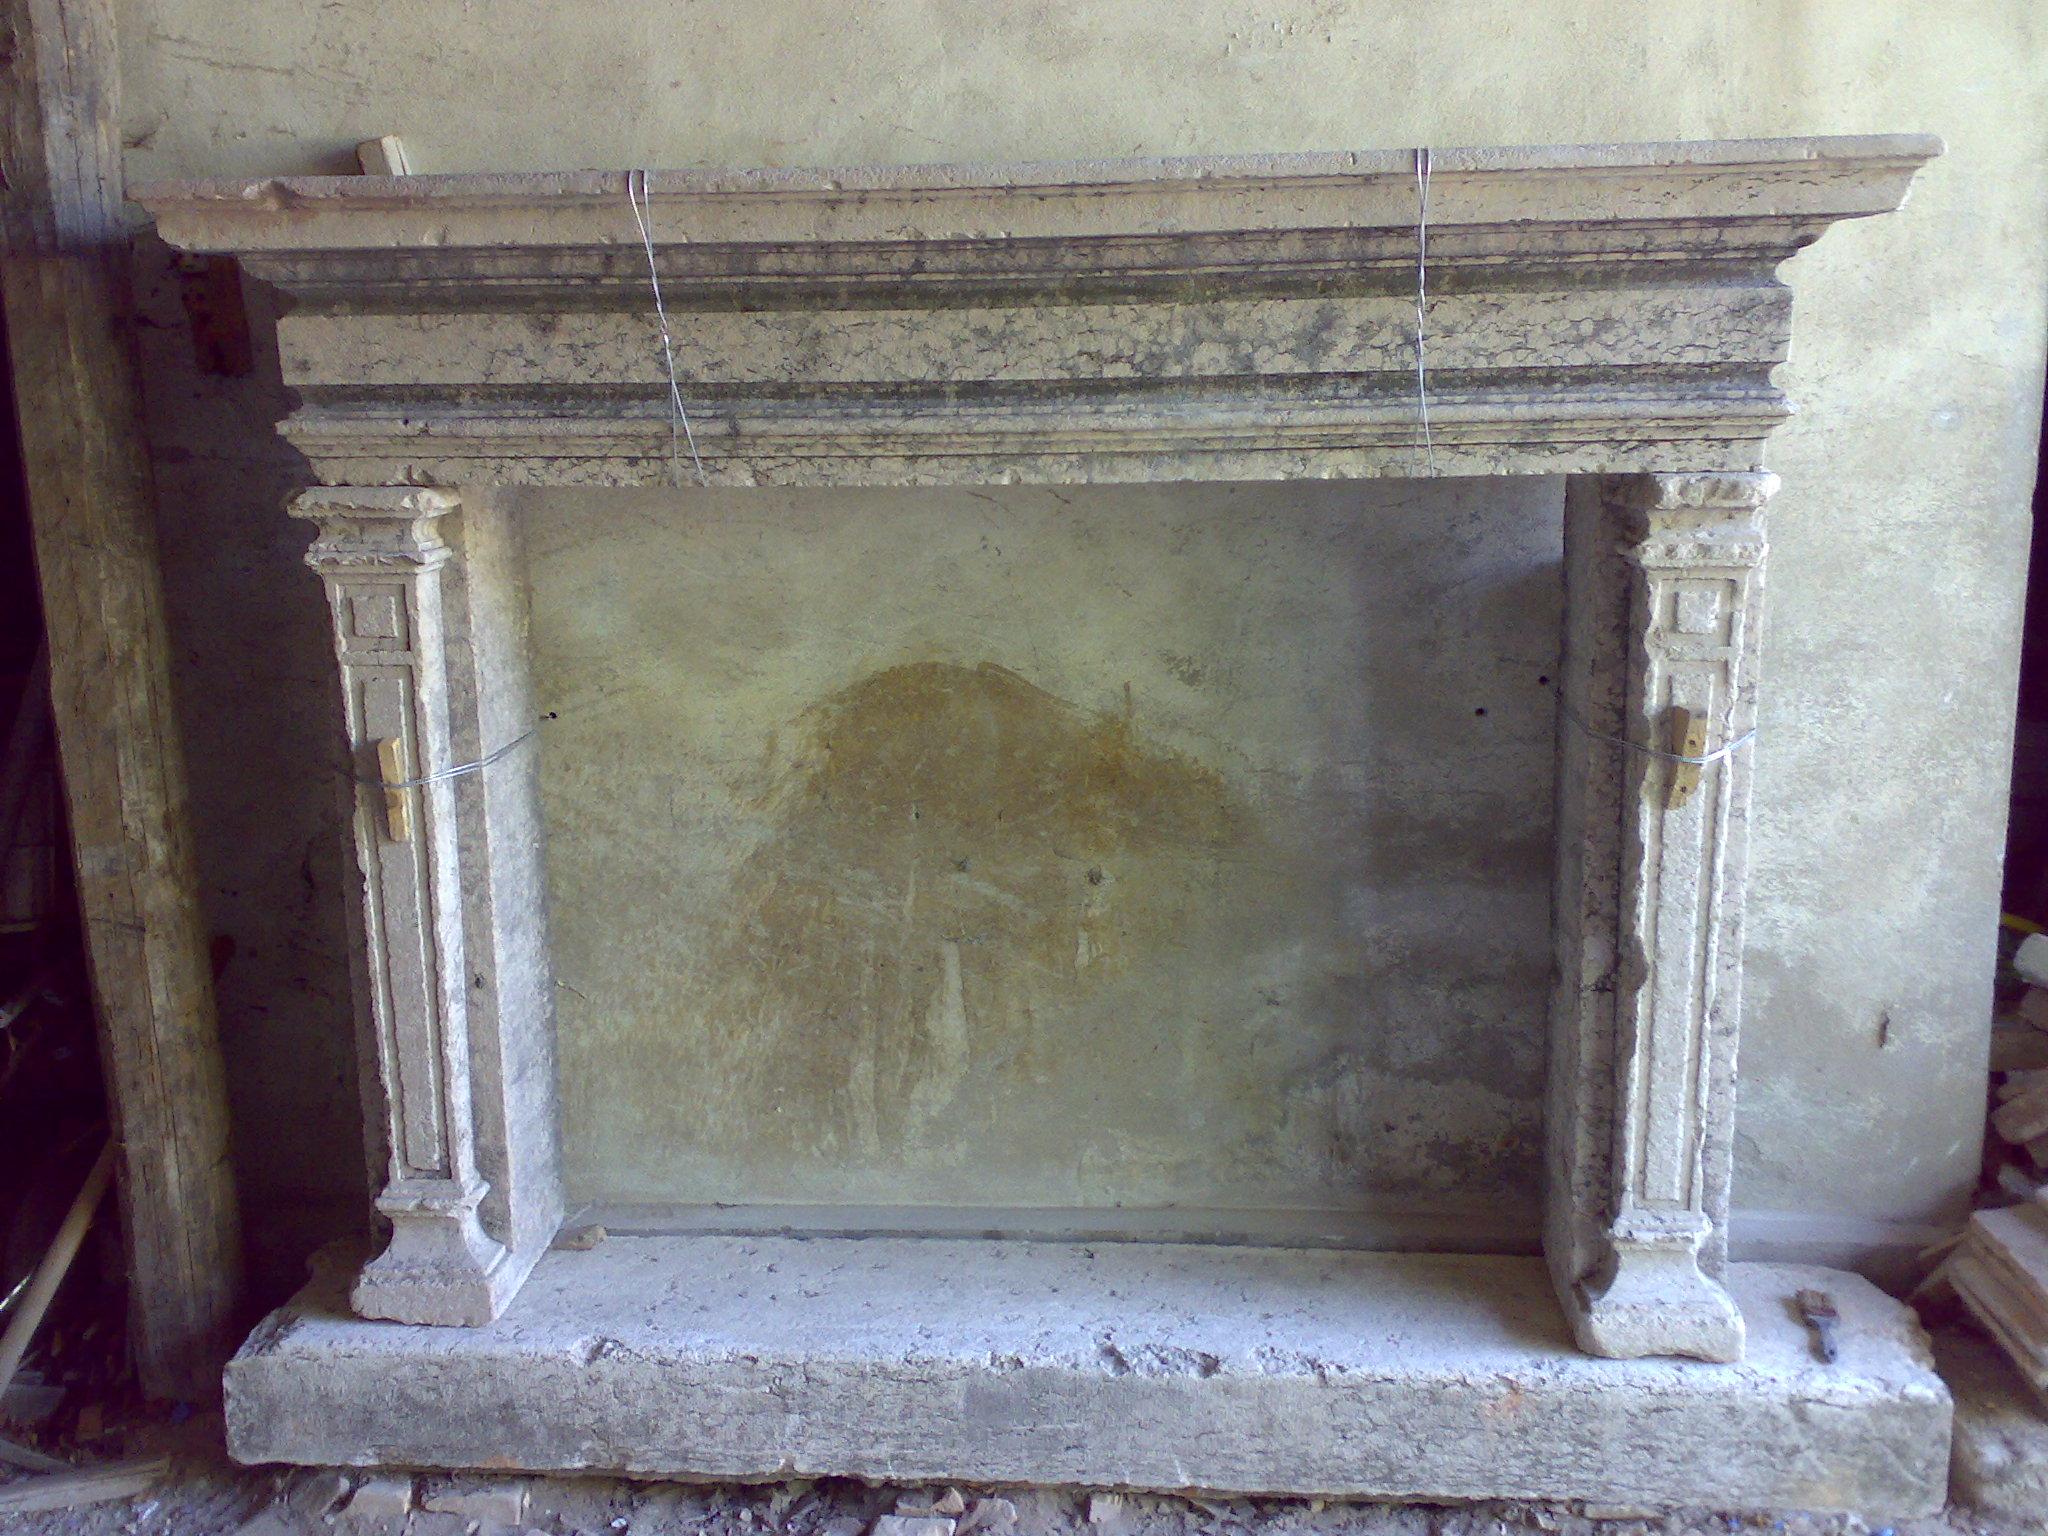 Camino in marmo bianco con venature grige - Recupero Materiali